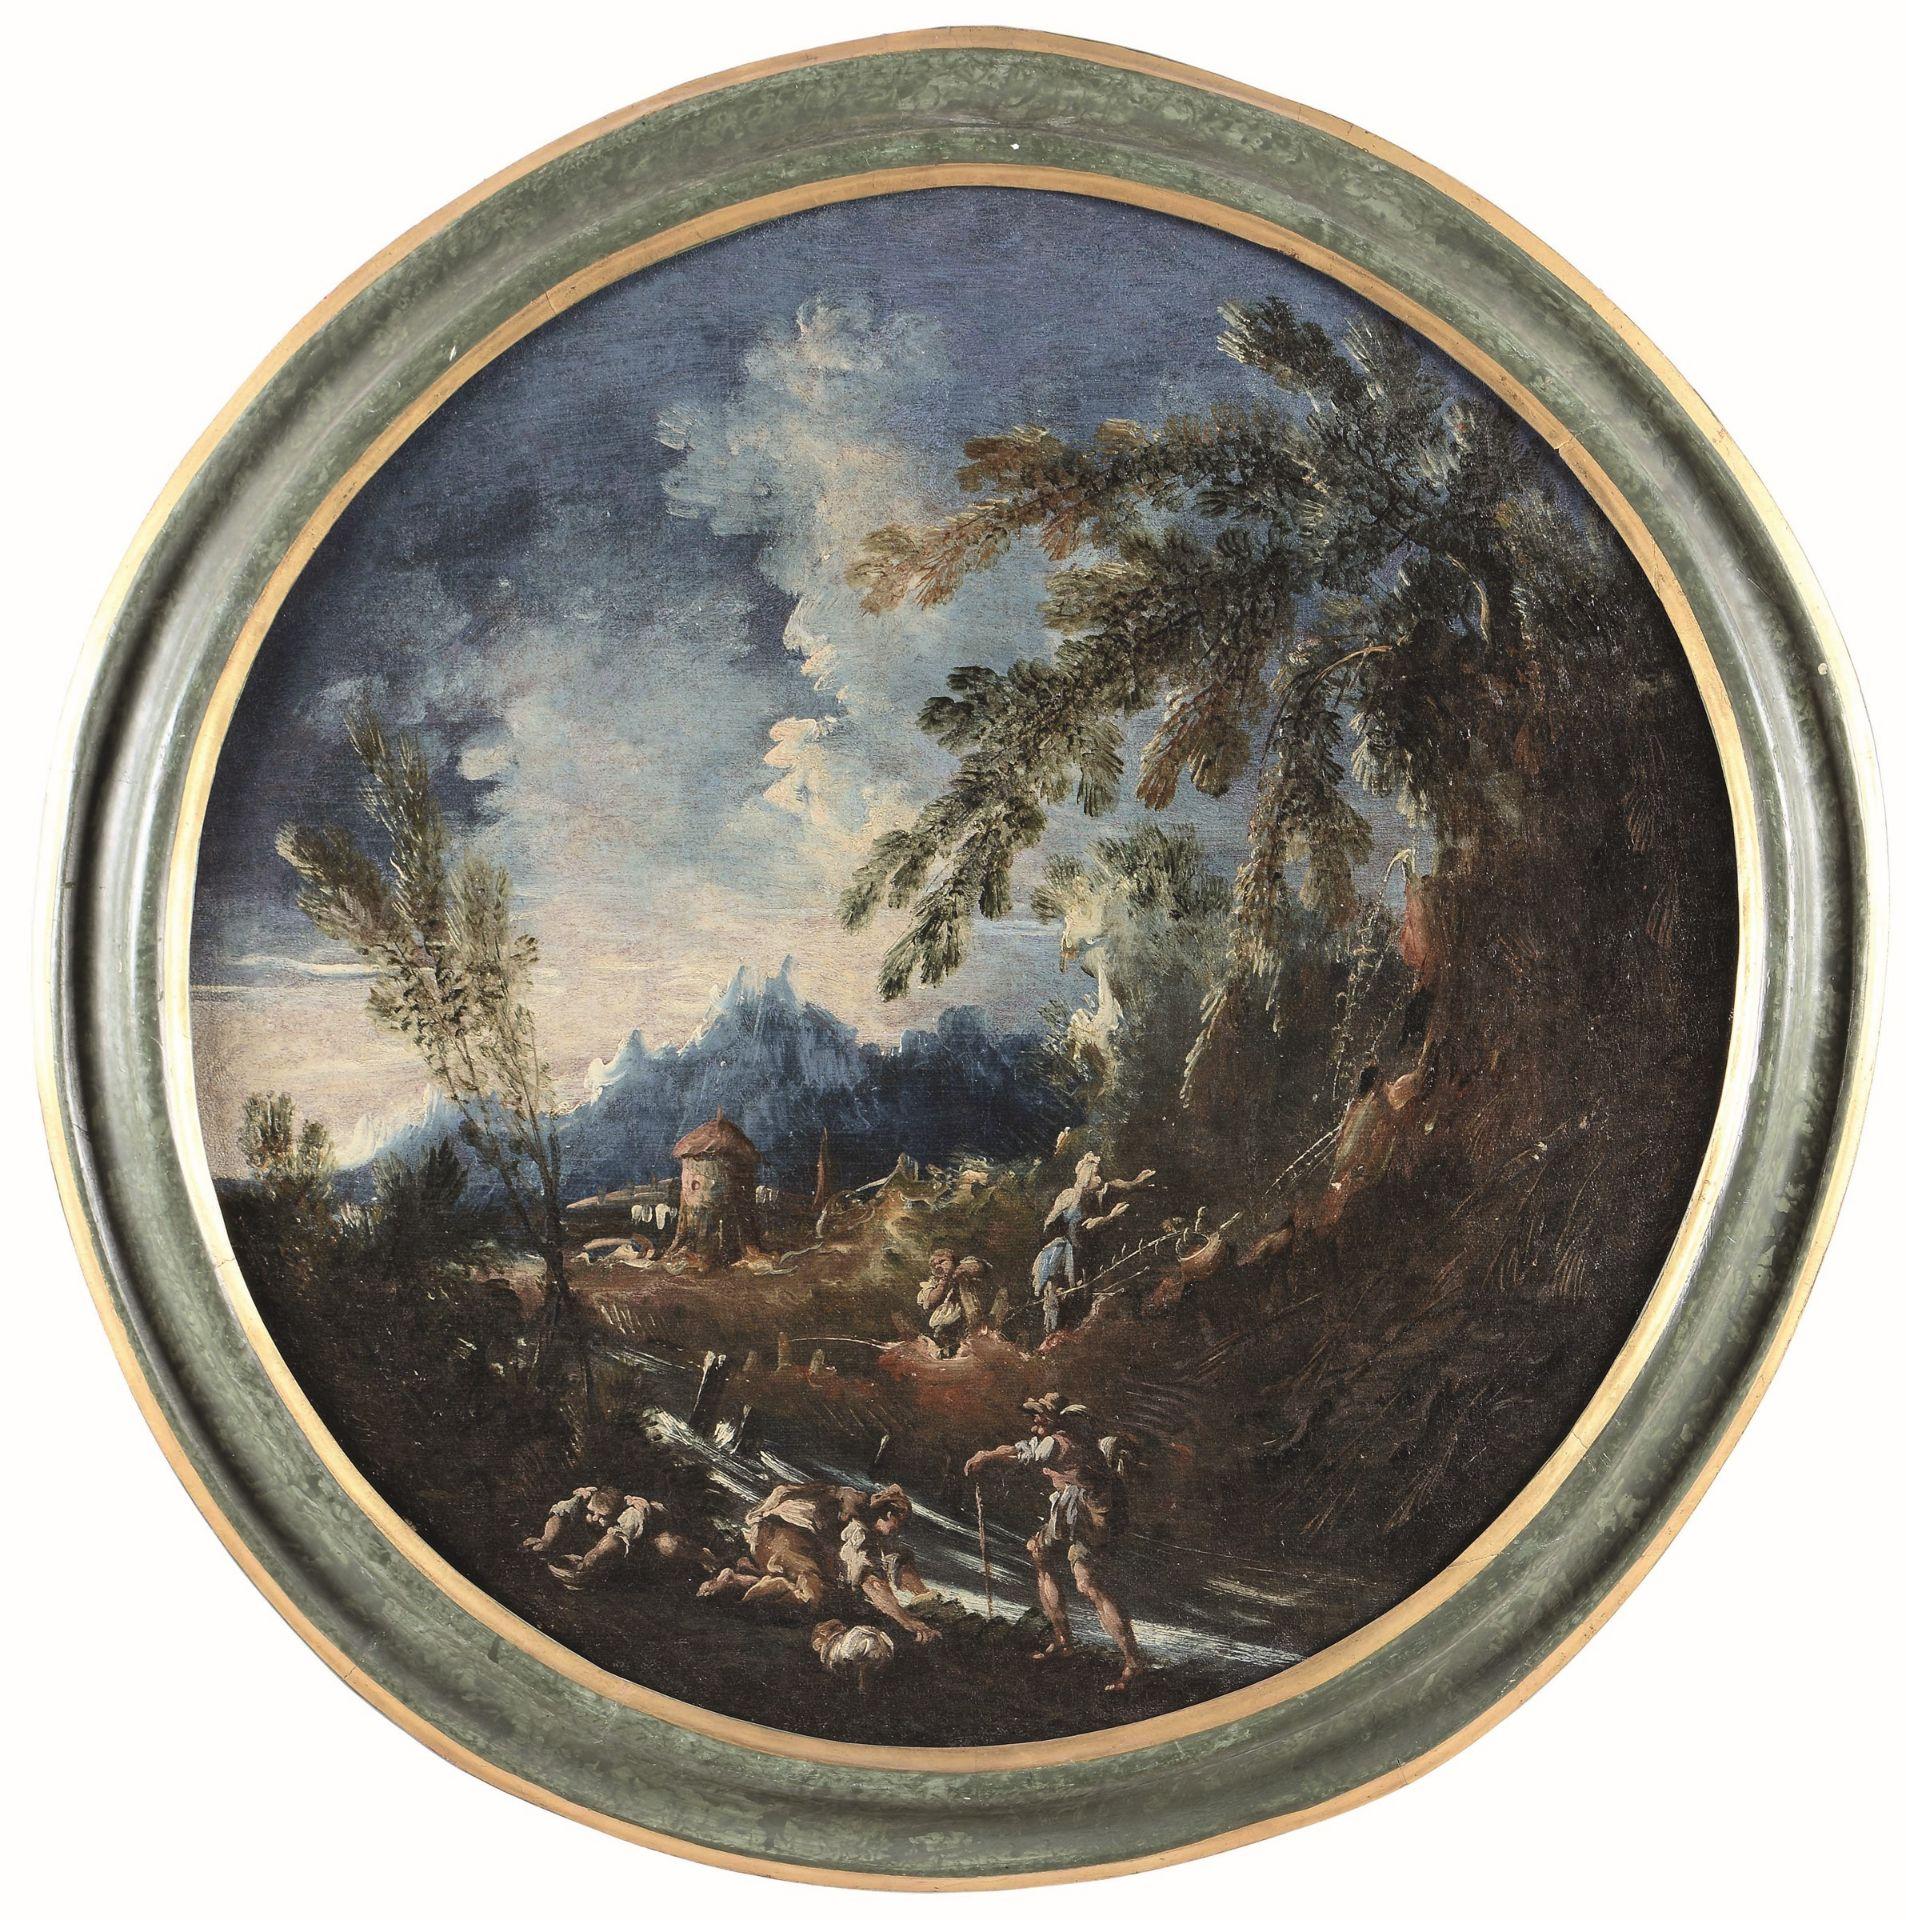 Anton Francesco Peruzzini (Ancona 1643 - Milano 1724), Paesaggio con pastori e [...] - Bild 2 aus 4